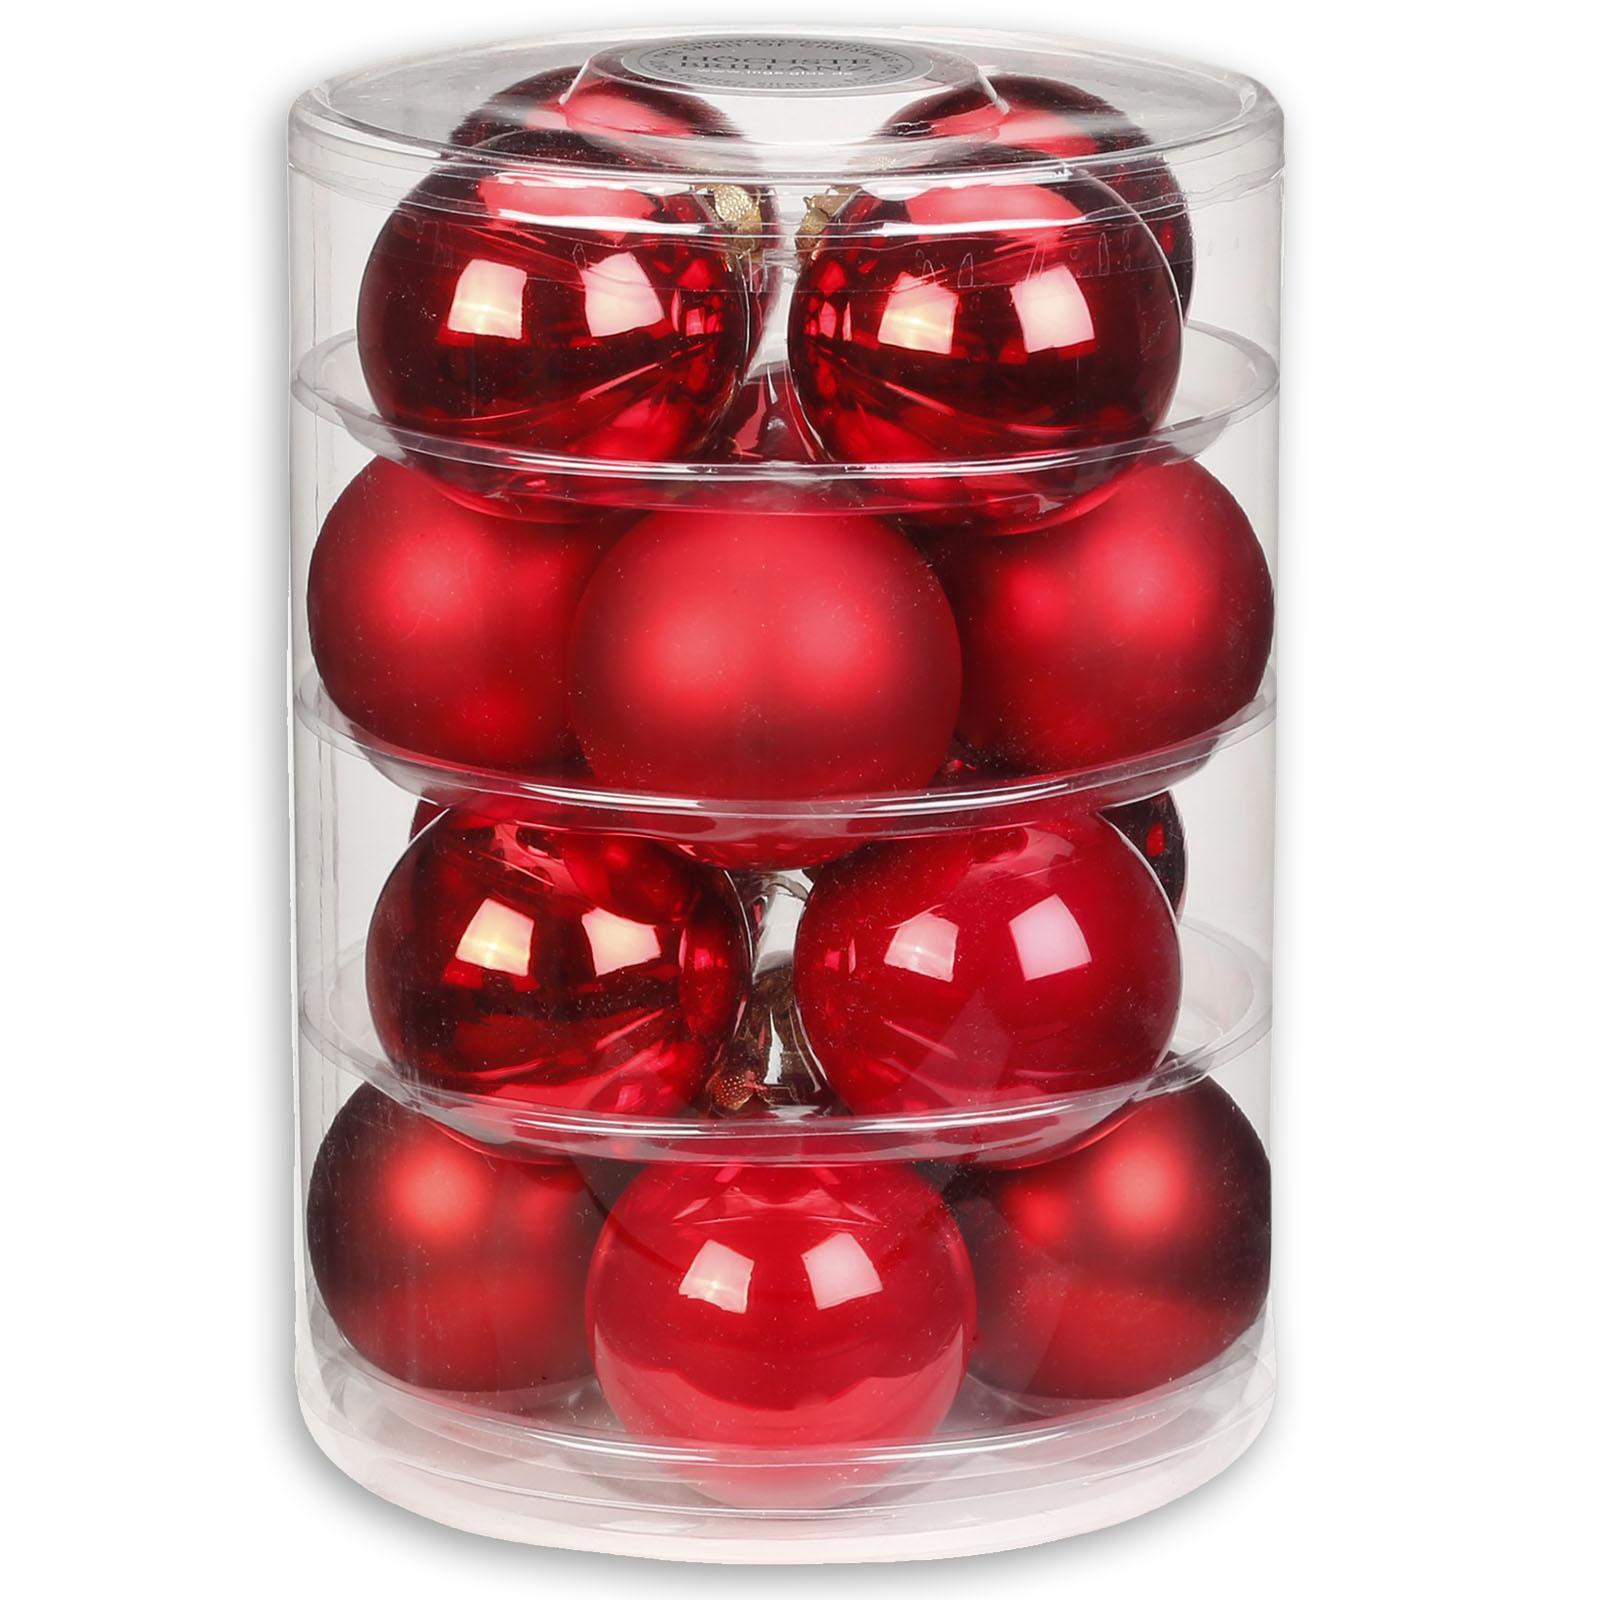 Christbaumkugeln Glas Bunt.Christbaumkugeln Hell Dunkel Rot Glas 16 Stuck 7 5 Cm